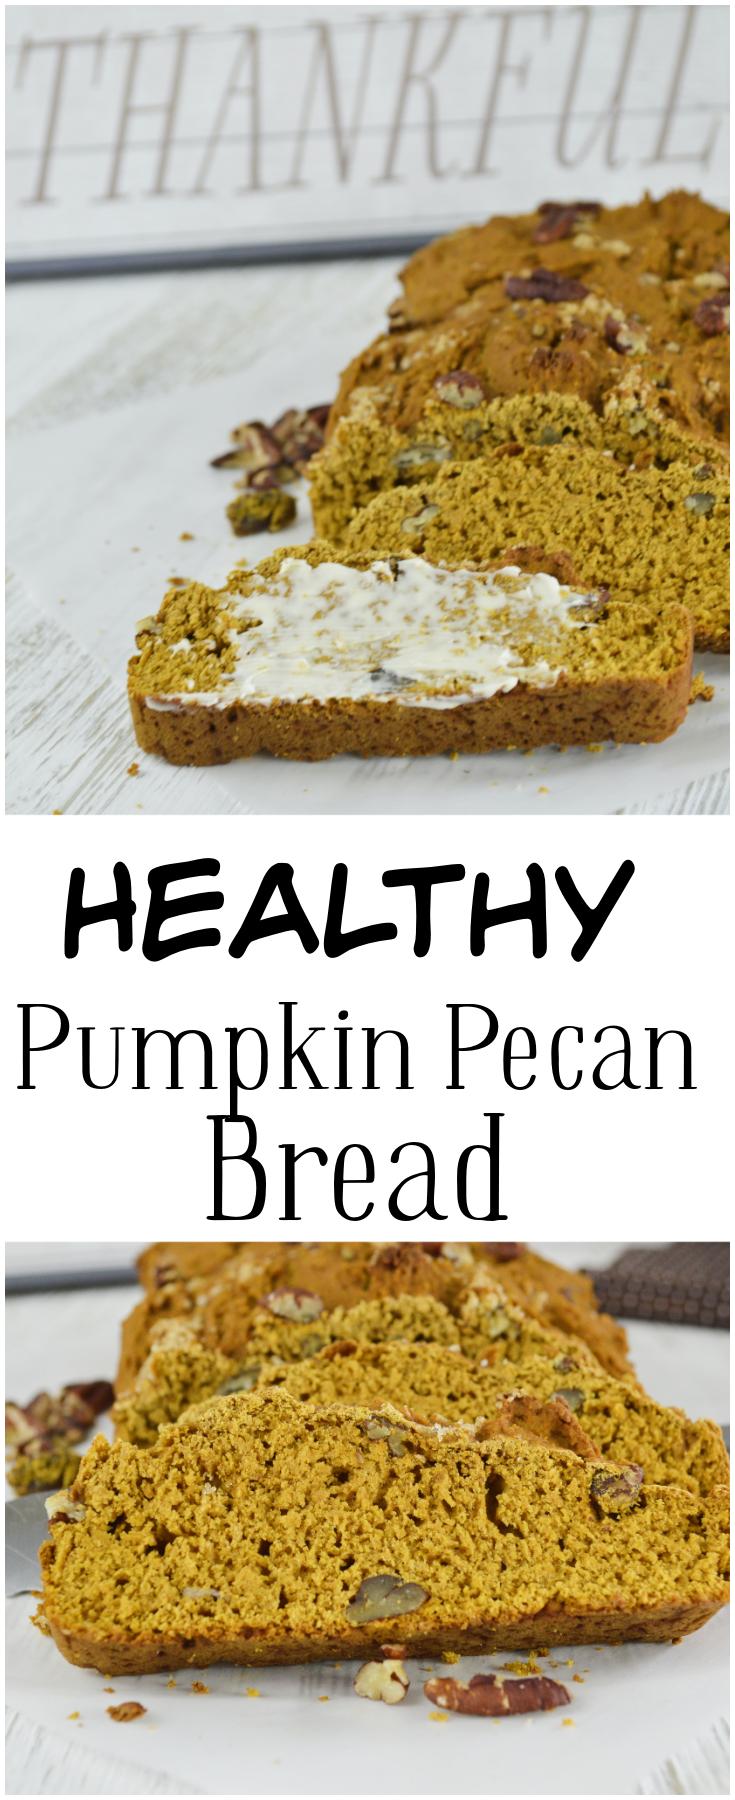 Healthy Pumpkin Pecan Bread